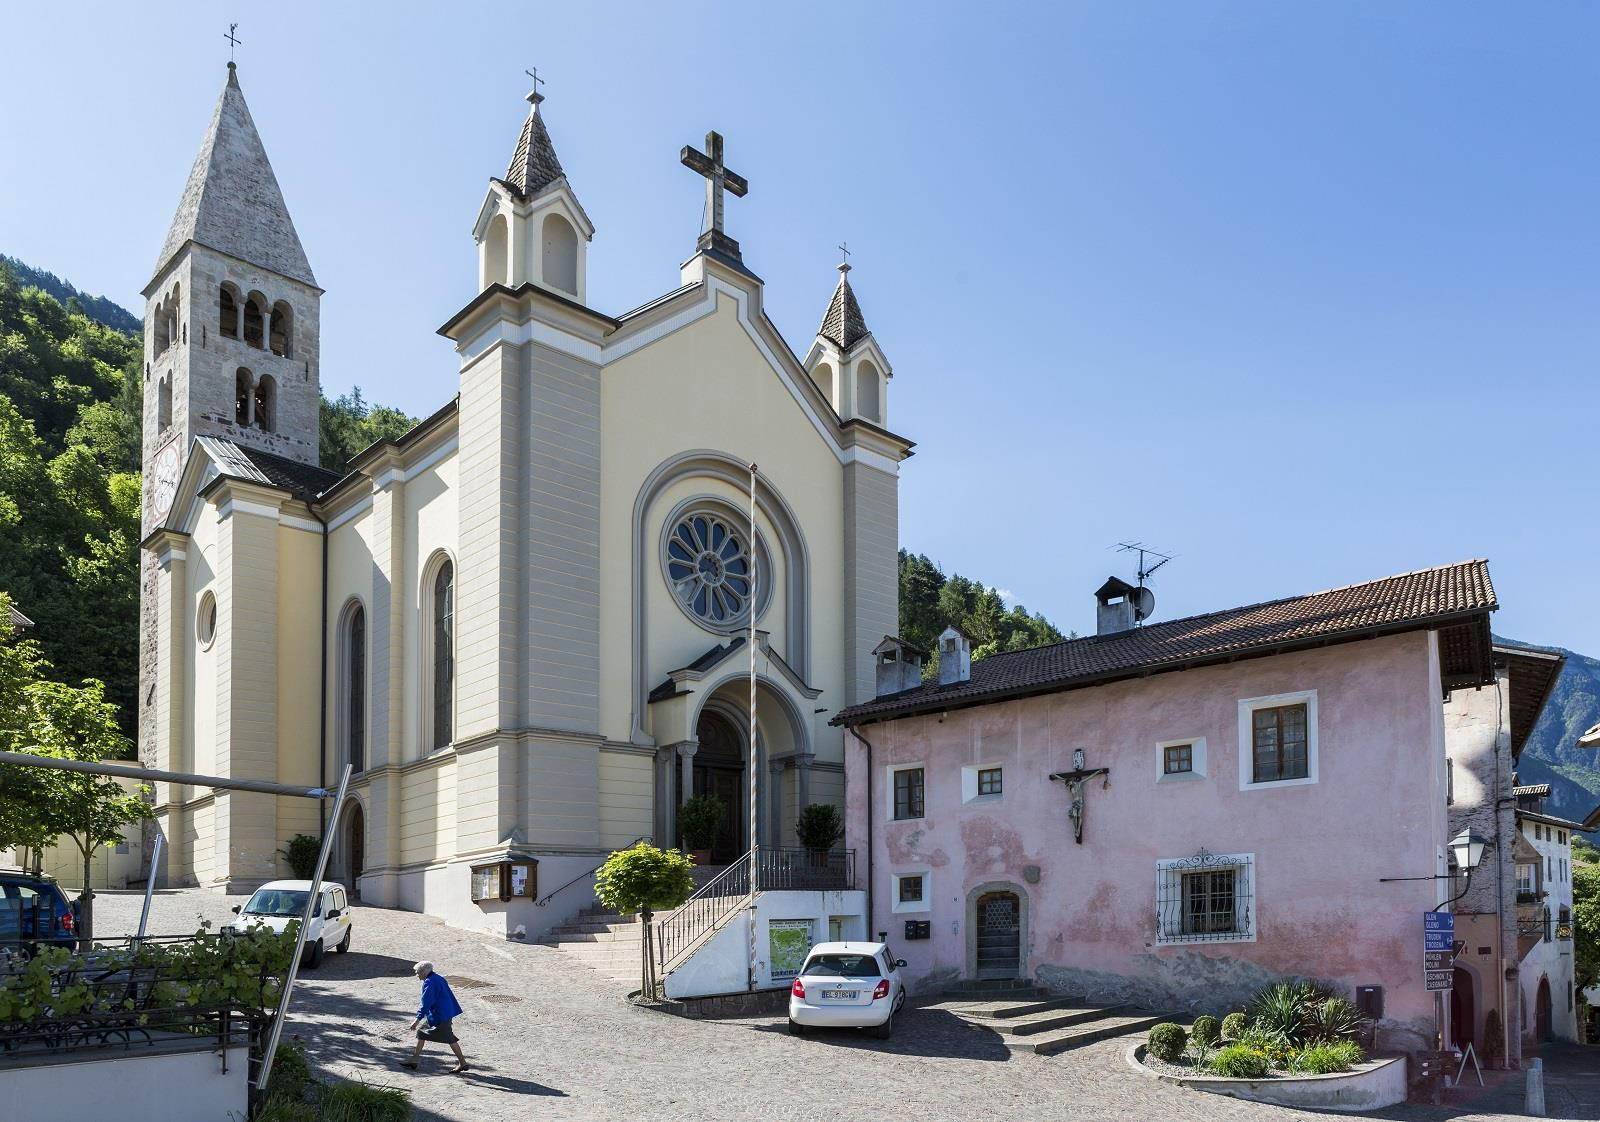 Chiesa parrocchiale Montagna